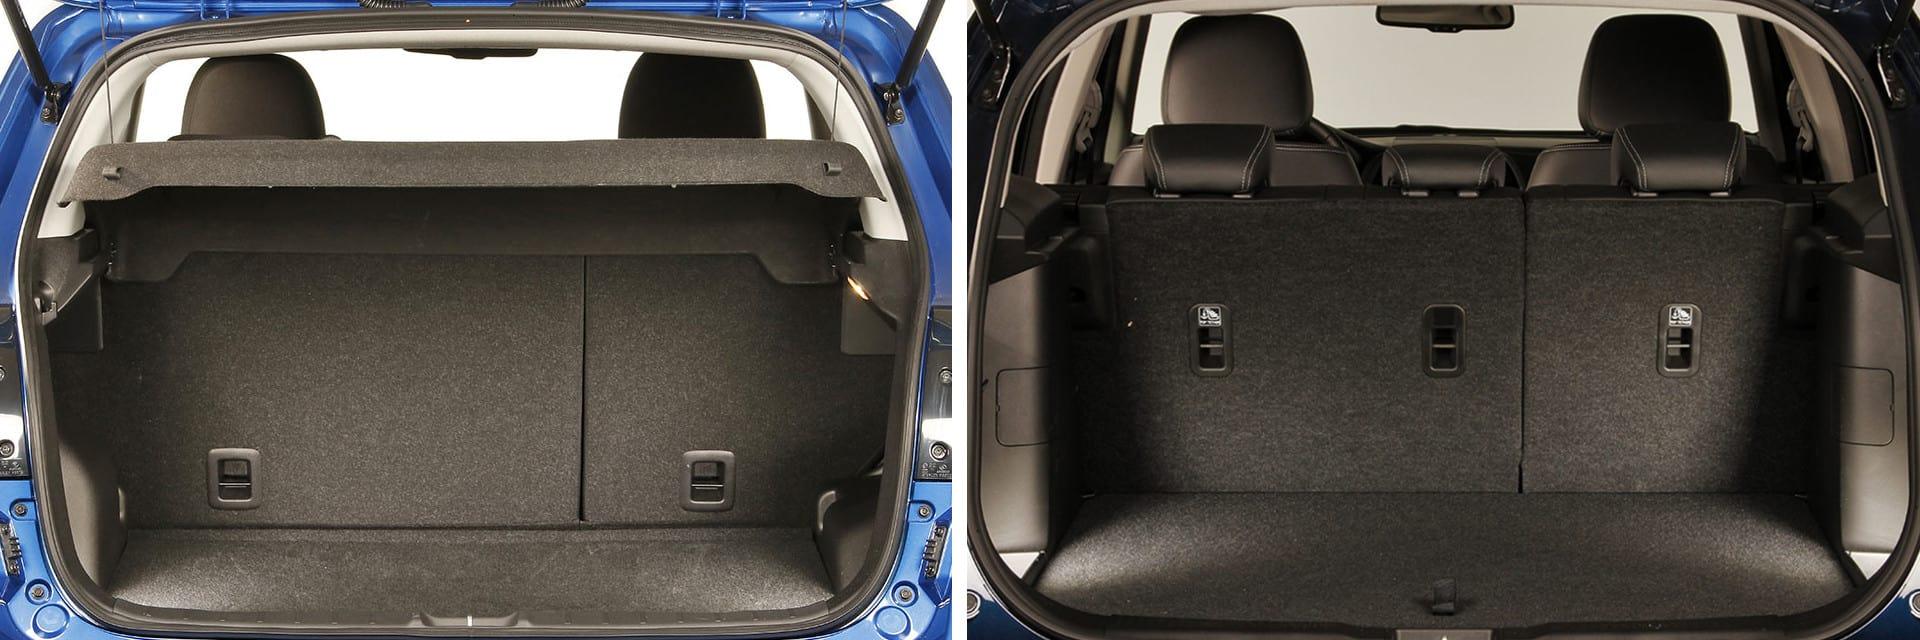 El maletero del Mitsubishi ASX (izq.) cuenta con una capacidad de 406 litros y el del Suzuki S-Cross (dcha.) de 430 litros.